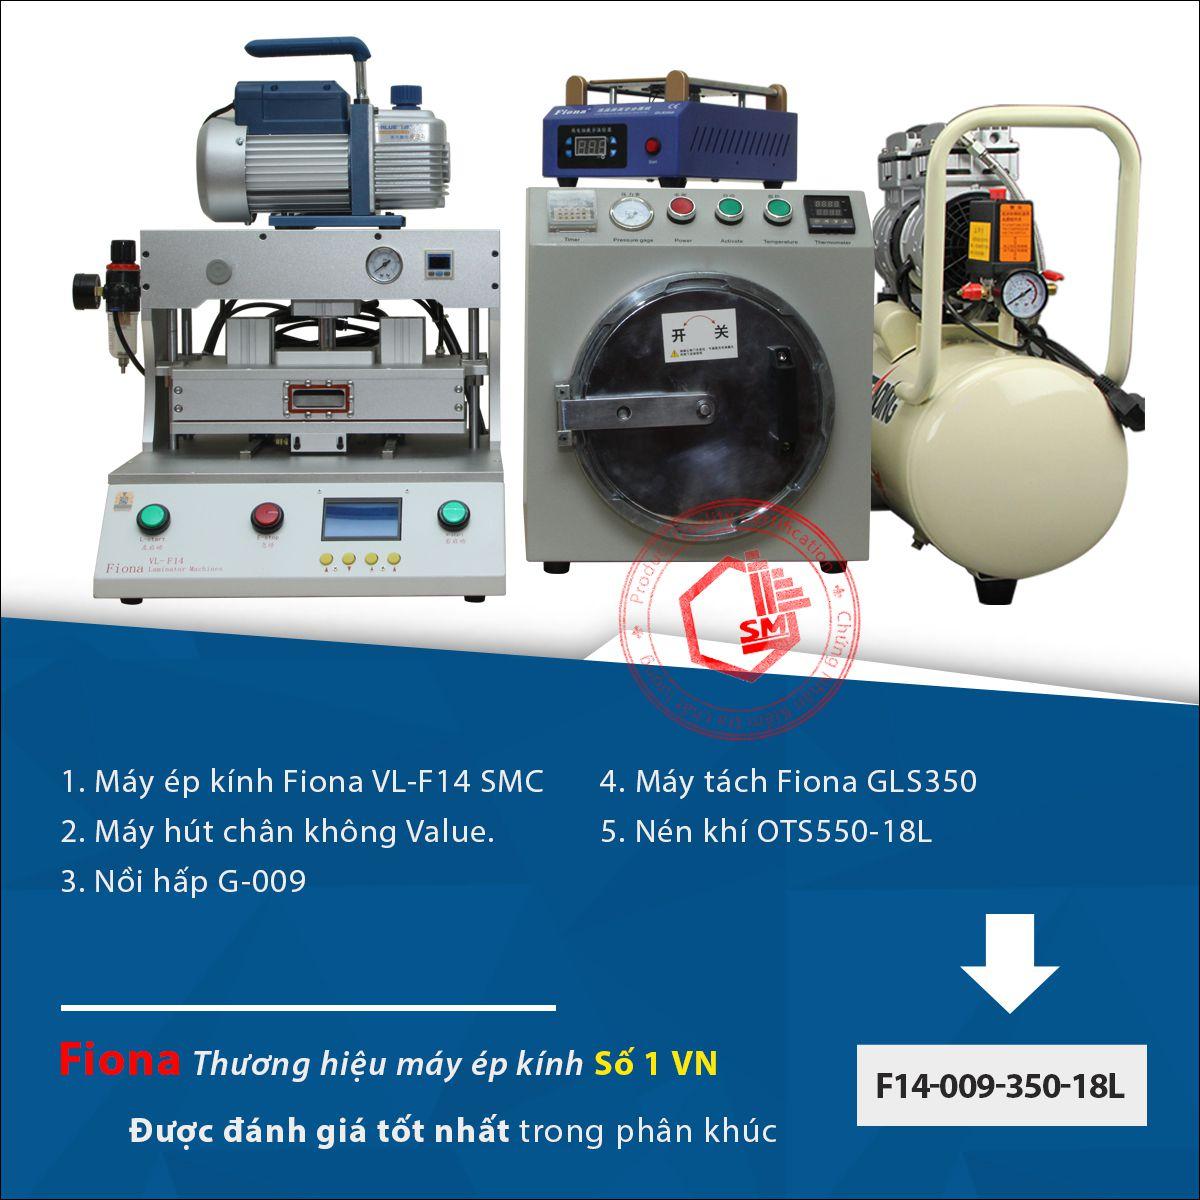 Bộ máy ép kính kết hợp giữa máy ép Fiona VL-F14 và nồi hấp G009